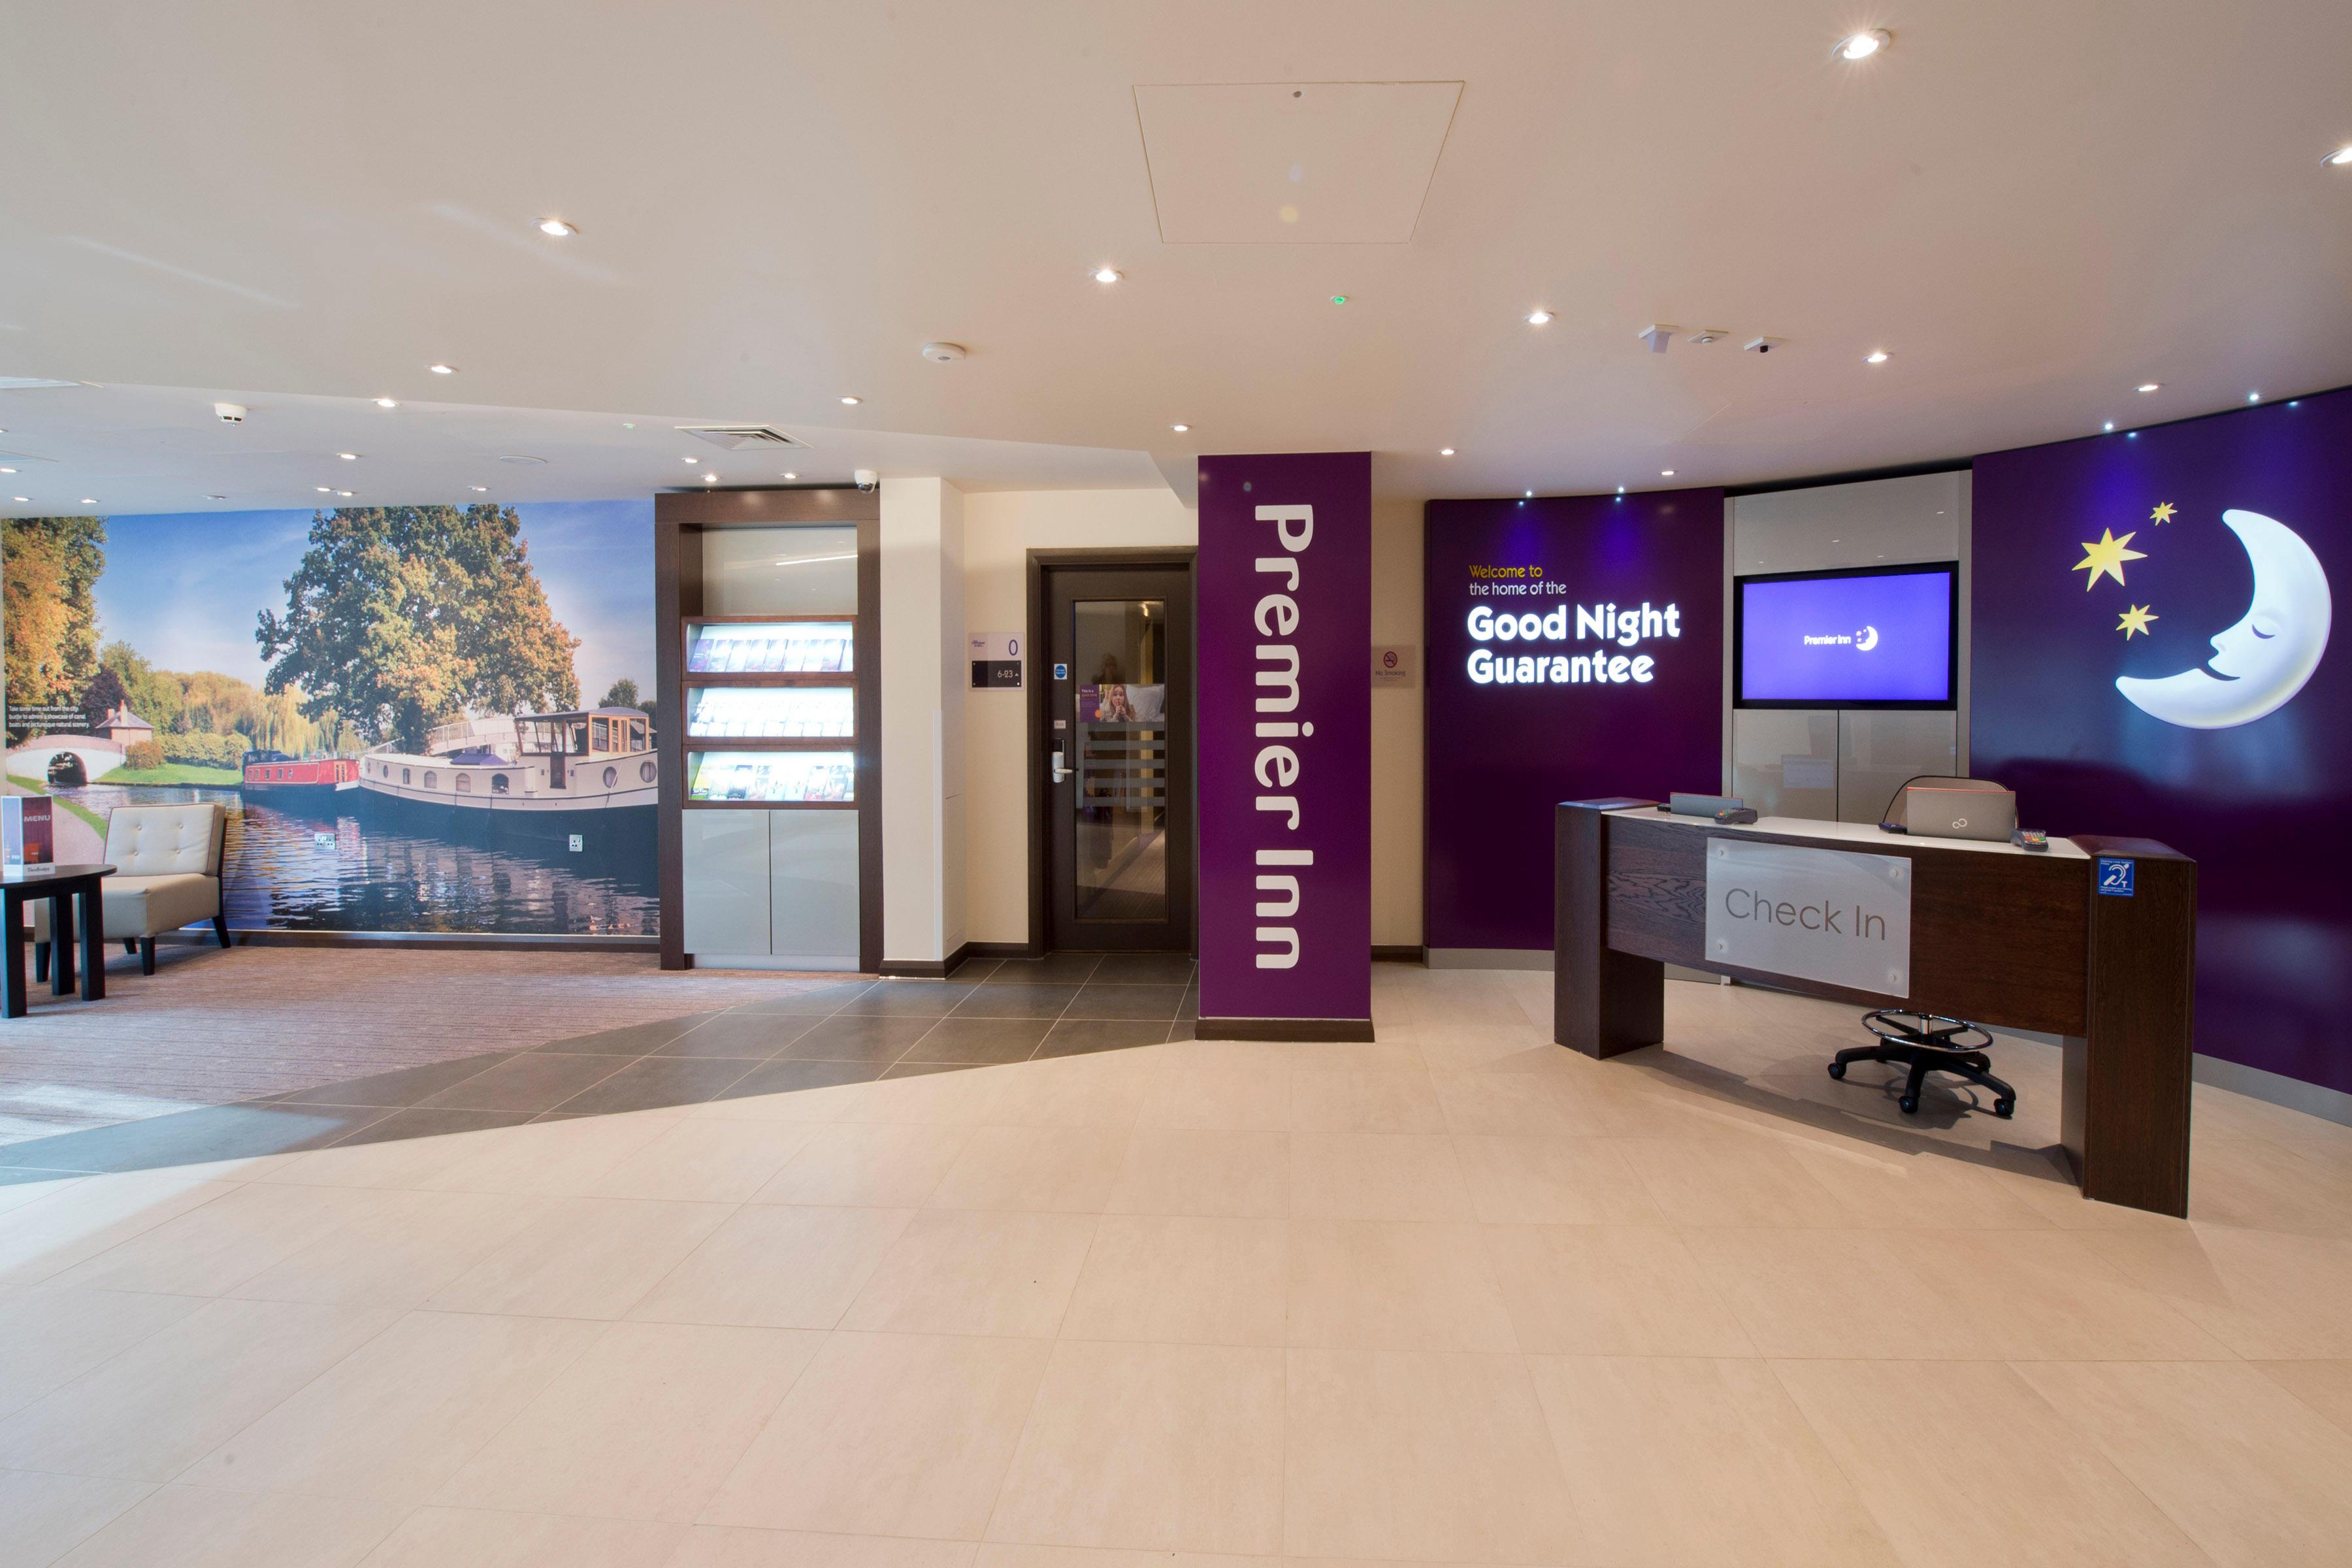 Premier Inn London Uxbridge hotel